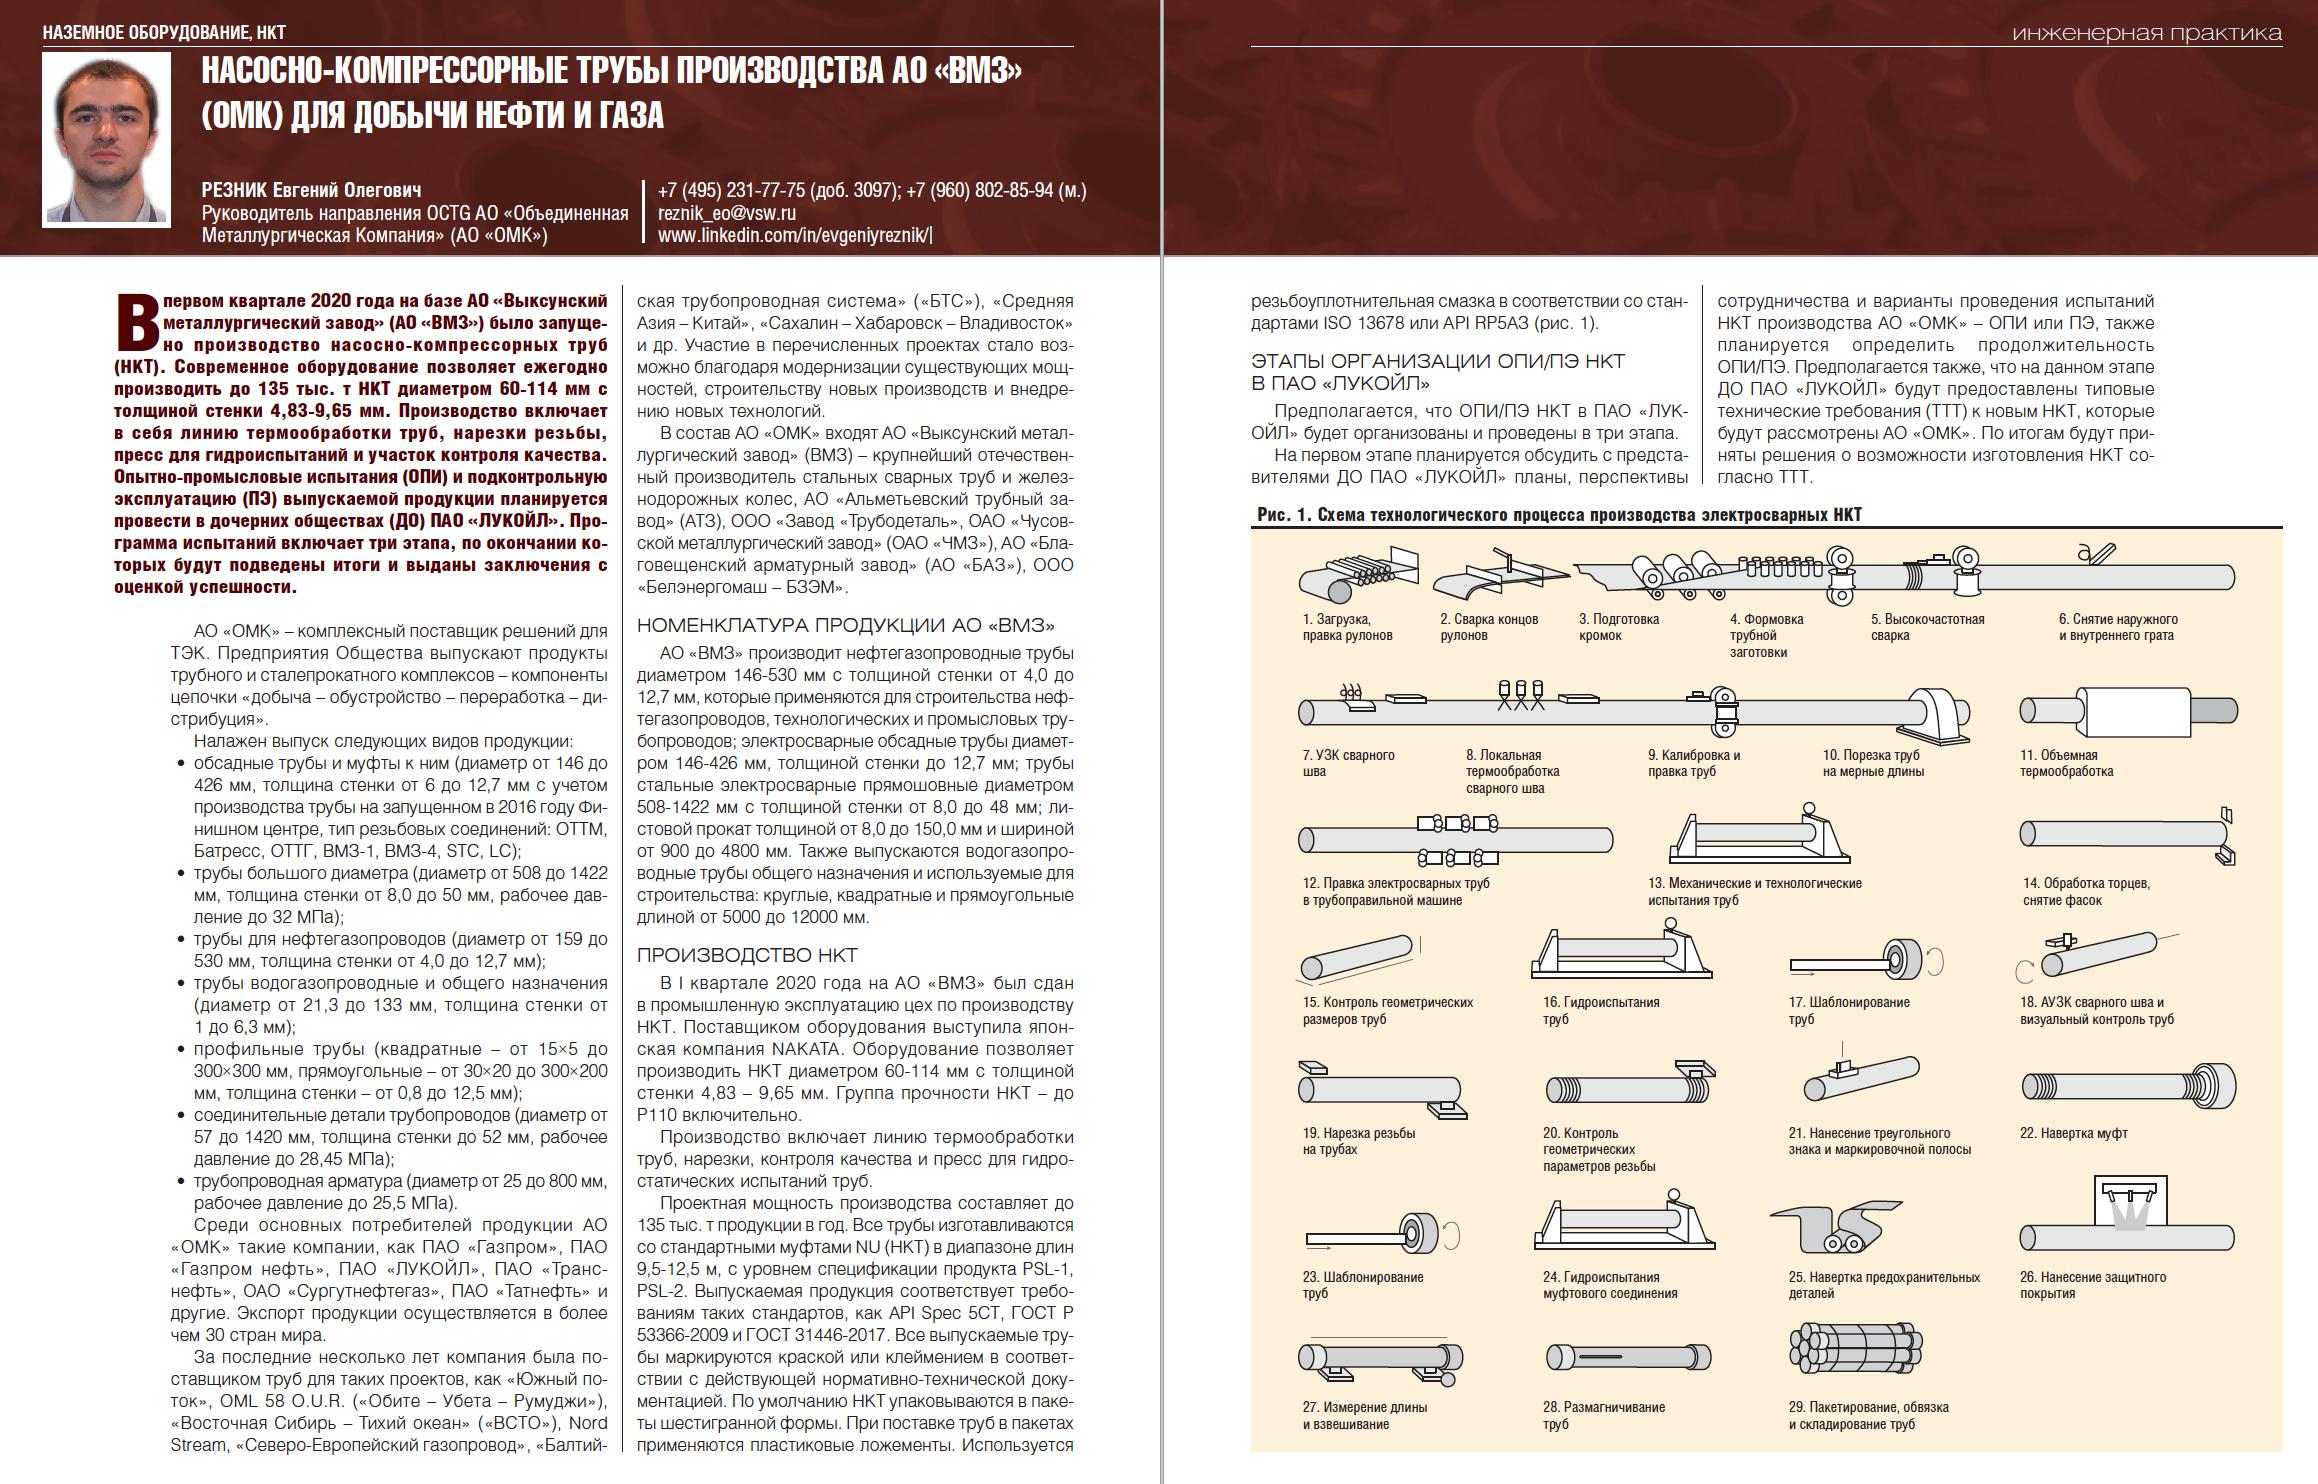 32440 Насосно-компрессорные трубы производства АО «ВМЗ» (ОМК) для добычи нефти и газа